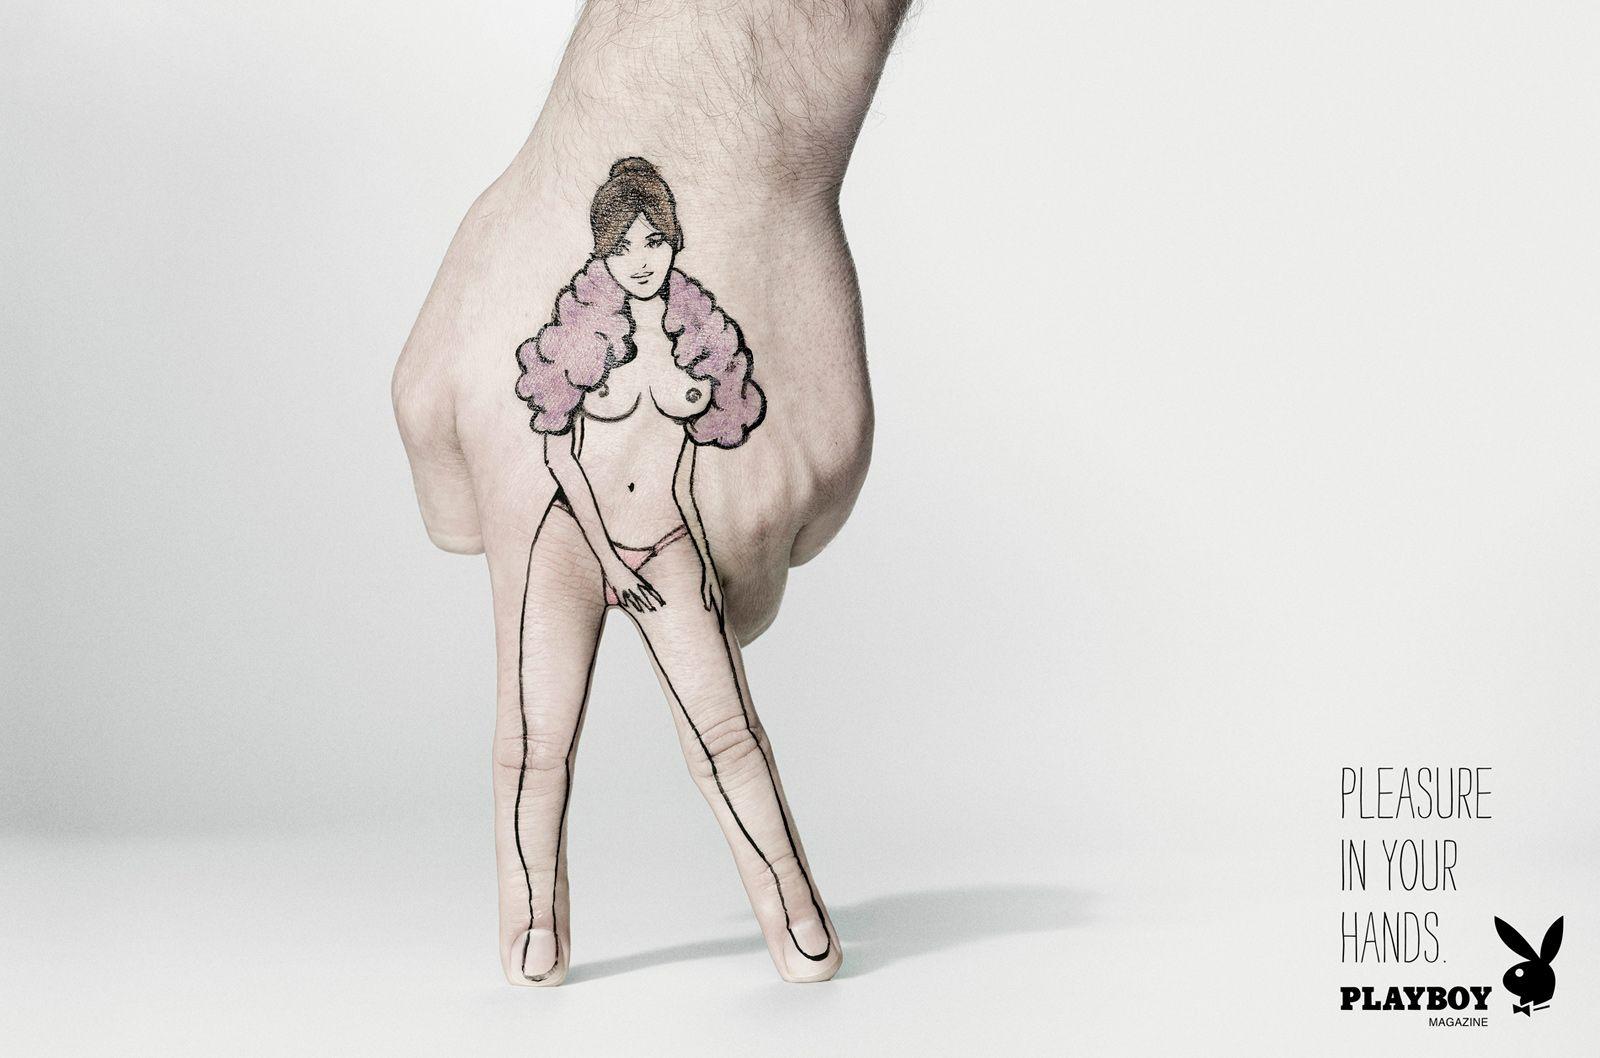 """""""Pleasure in your hands"""" - Playboy Magazine (2012)"""